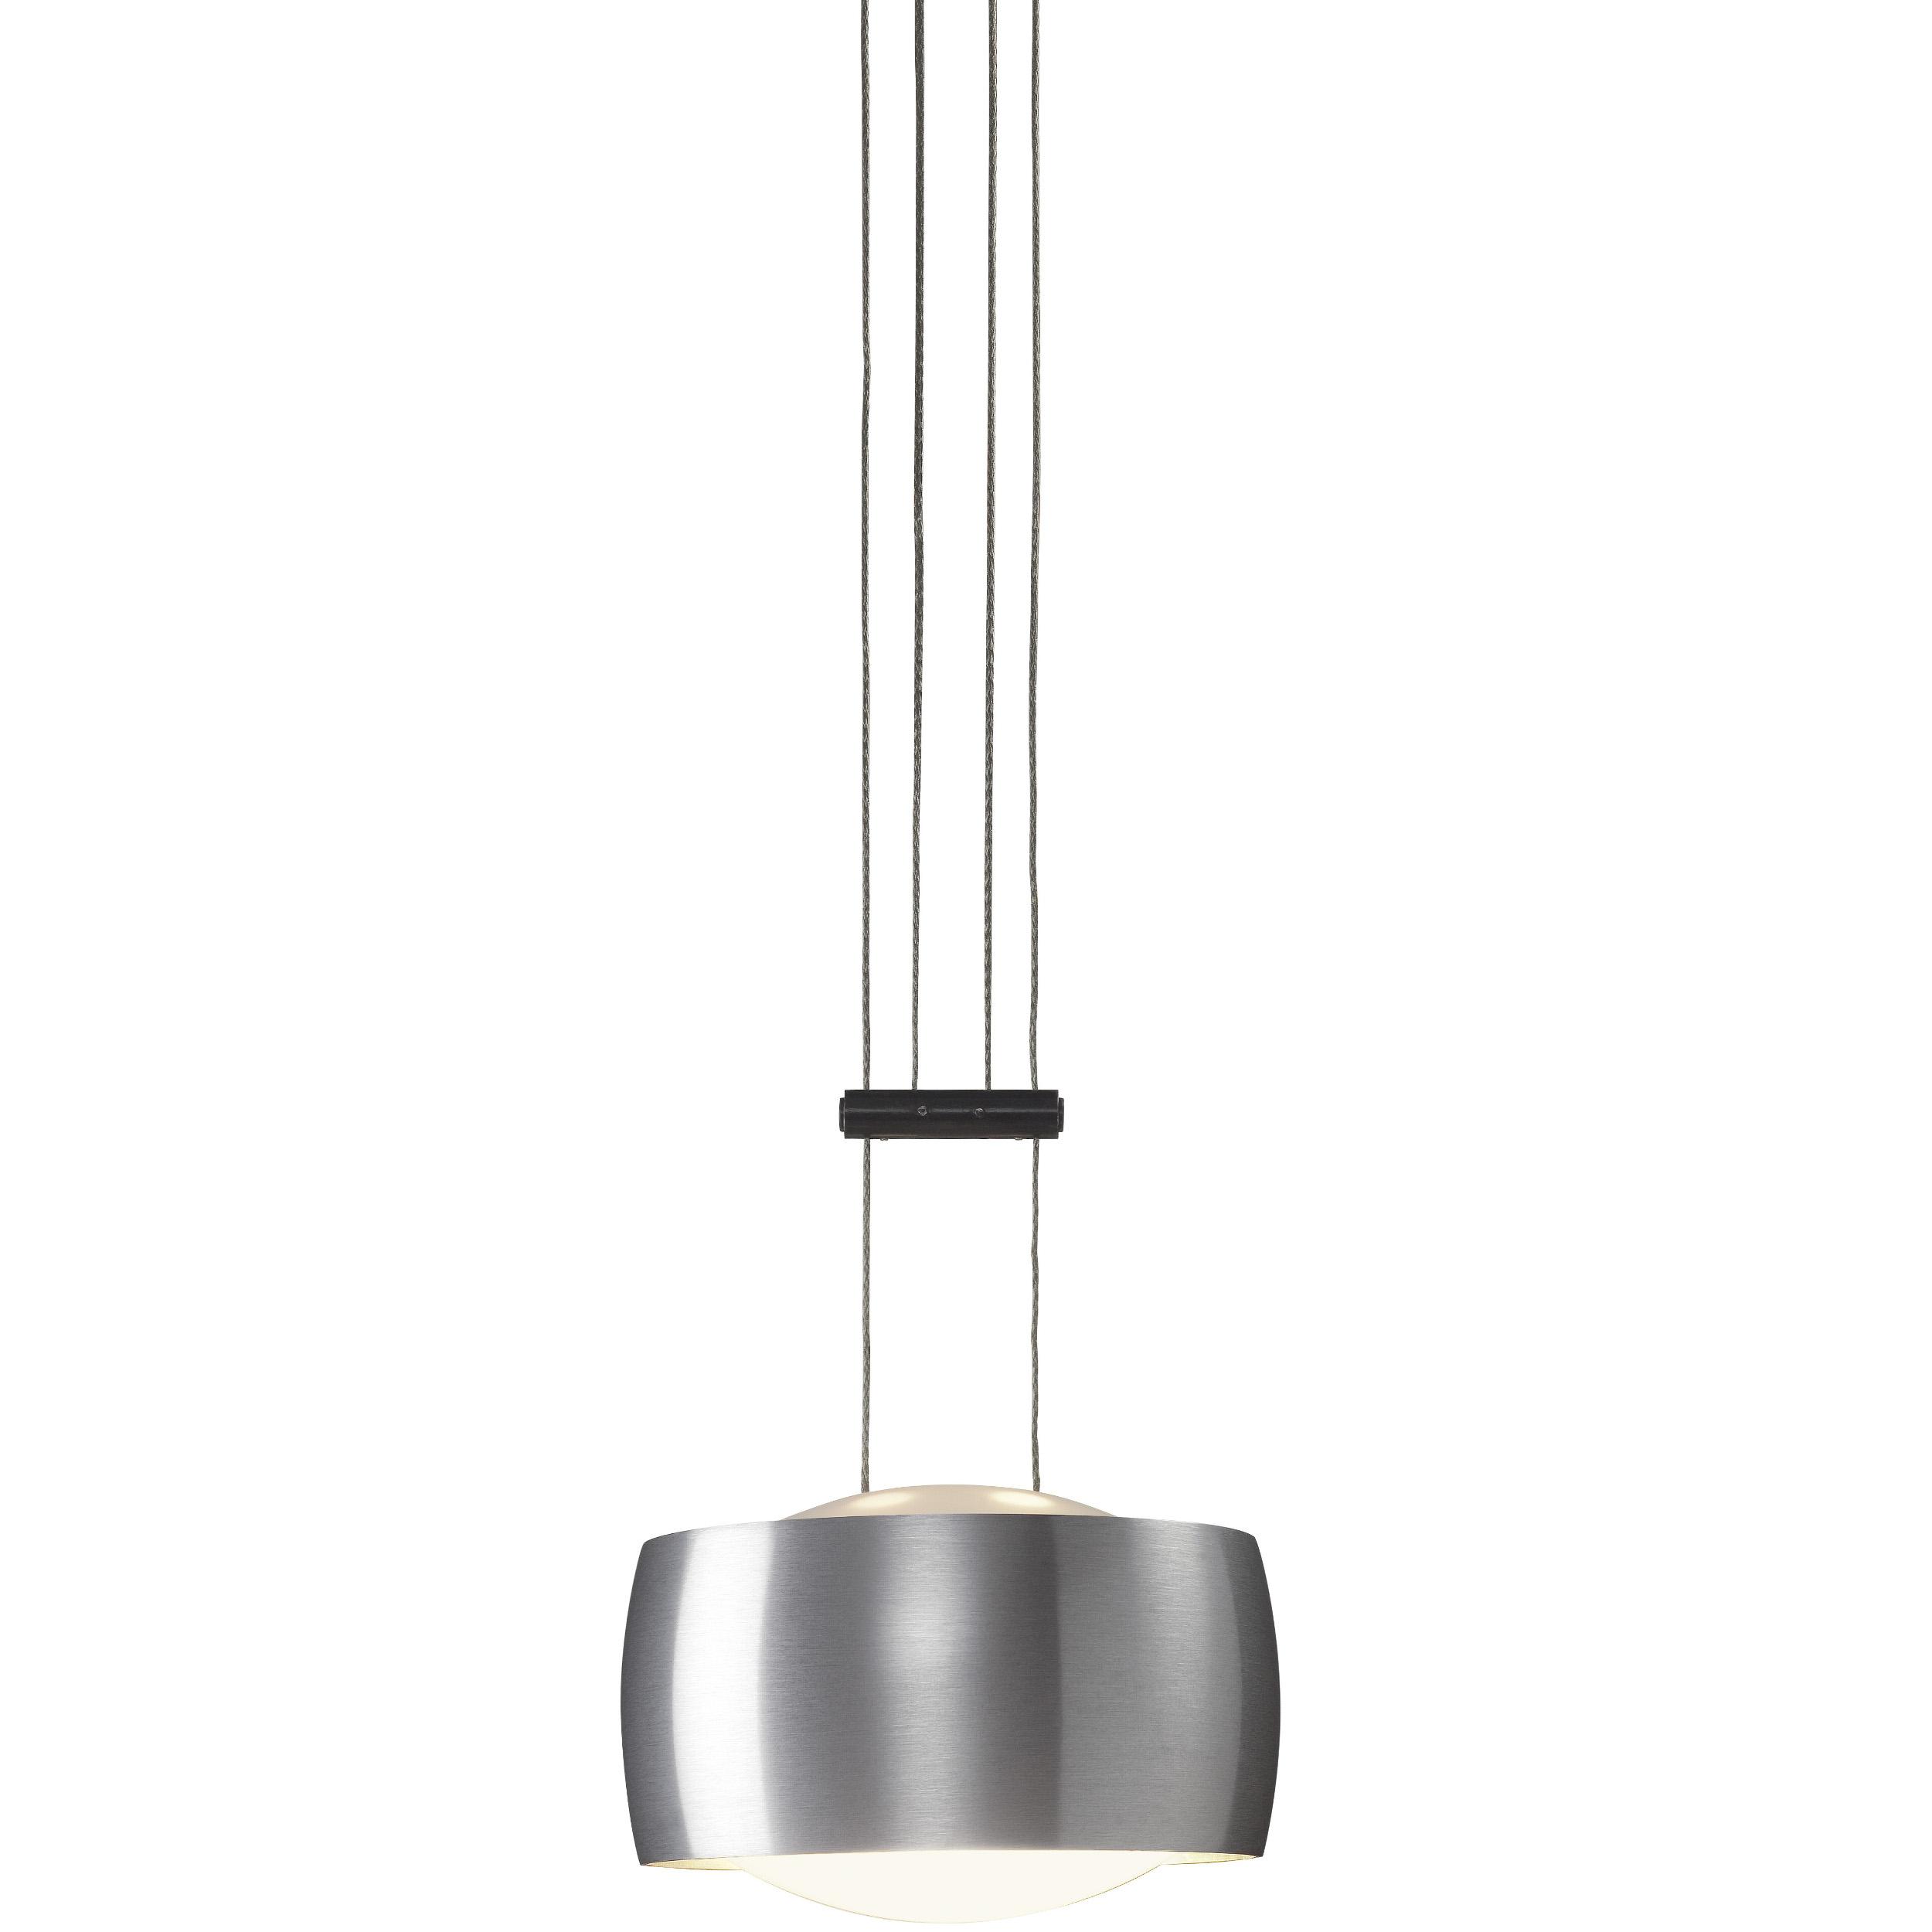 oligo leuchten lichtl sungen made in germany. Black Bedroom Furniture Sets. Home Design Ideas